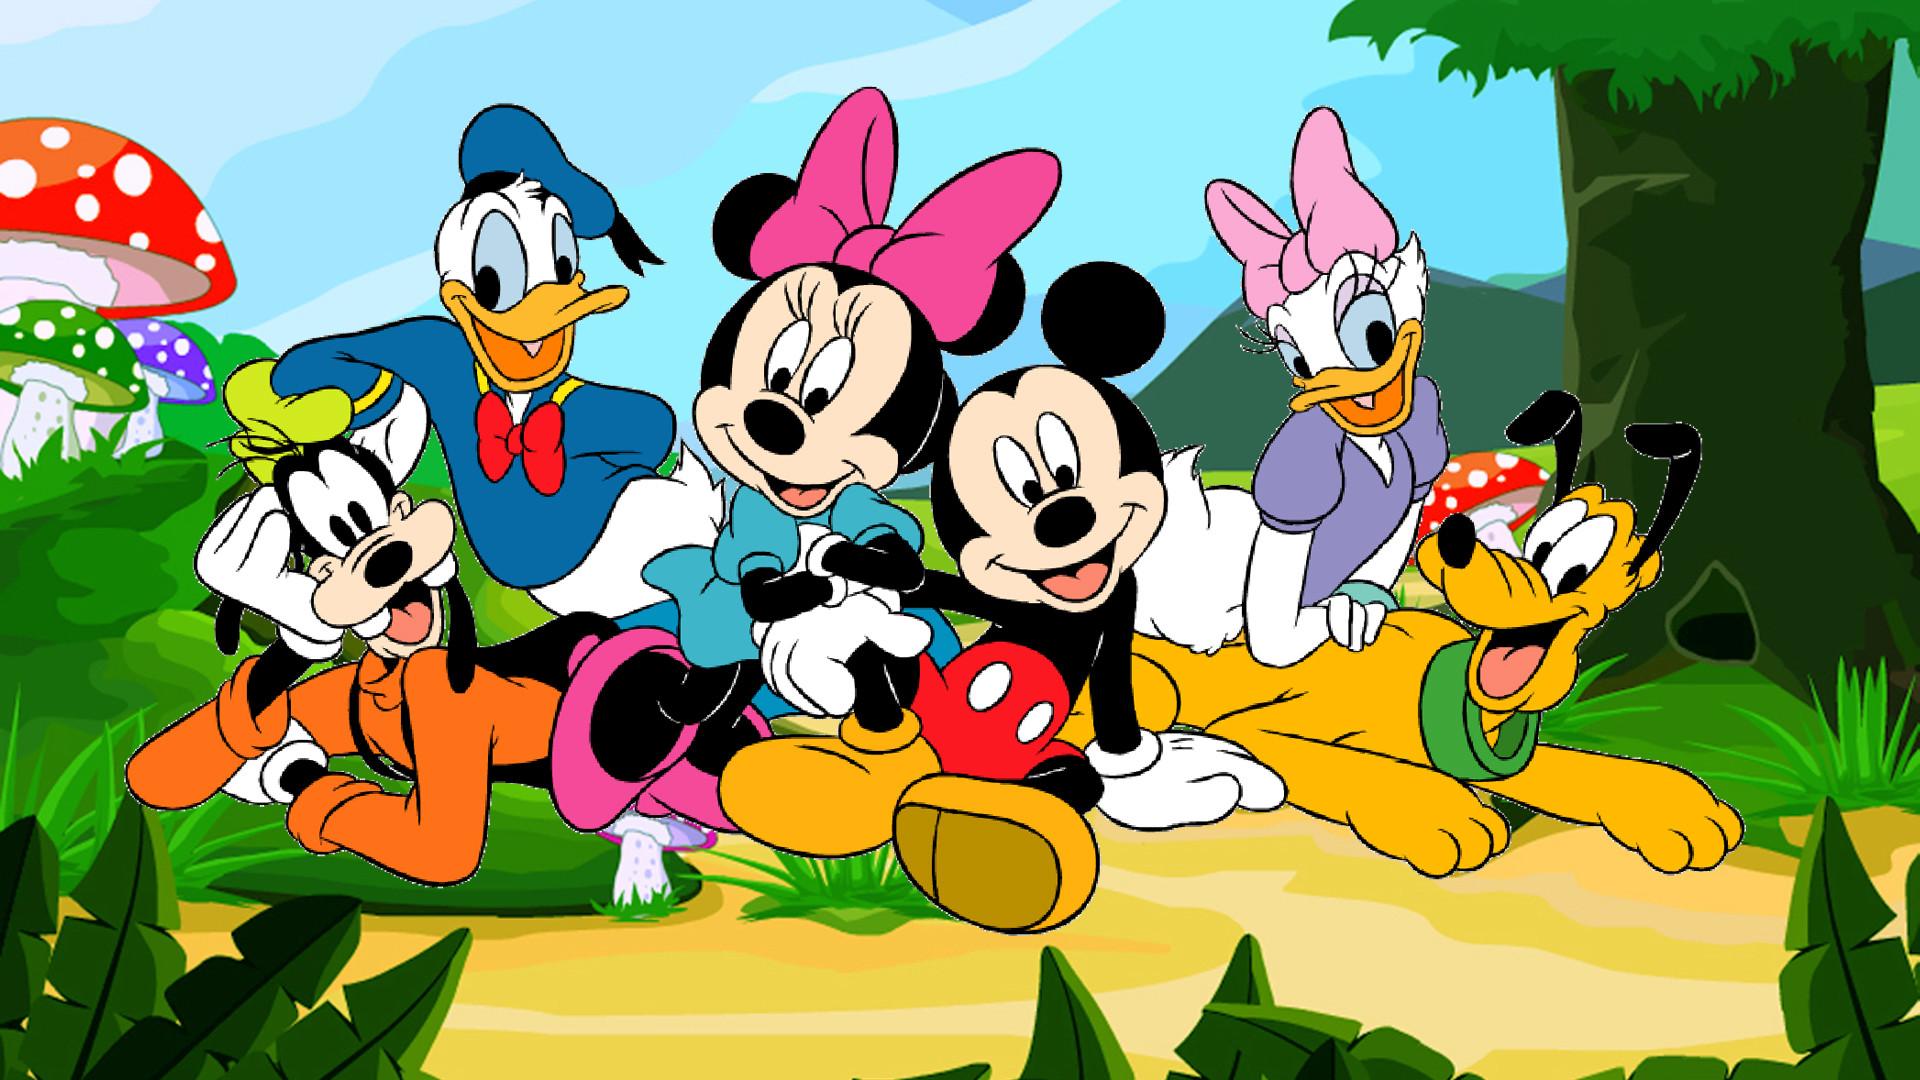 Walt Disney Quotes (100 wallpapers) – Quotefancy